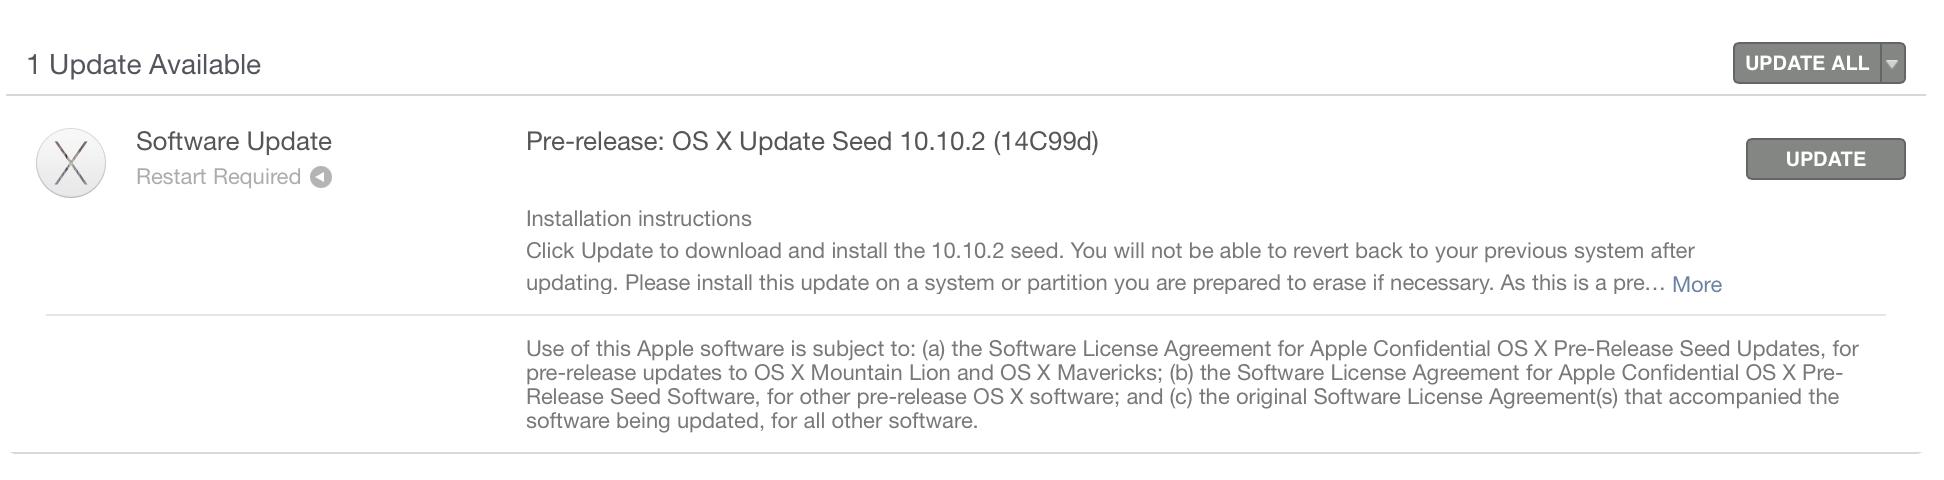 「OS X Yosemite 10.10.2」のベータ版5が開発者向けに配信開始!いつになれば正式にリリースされるのか?